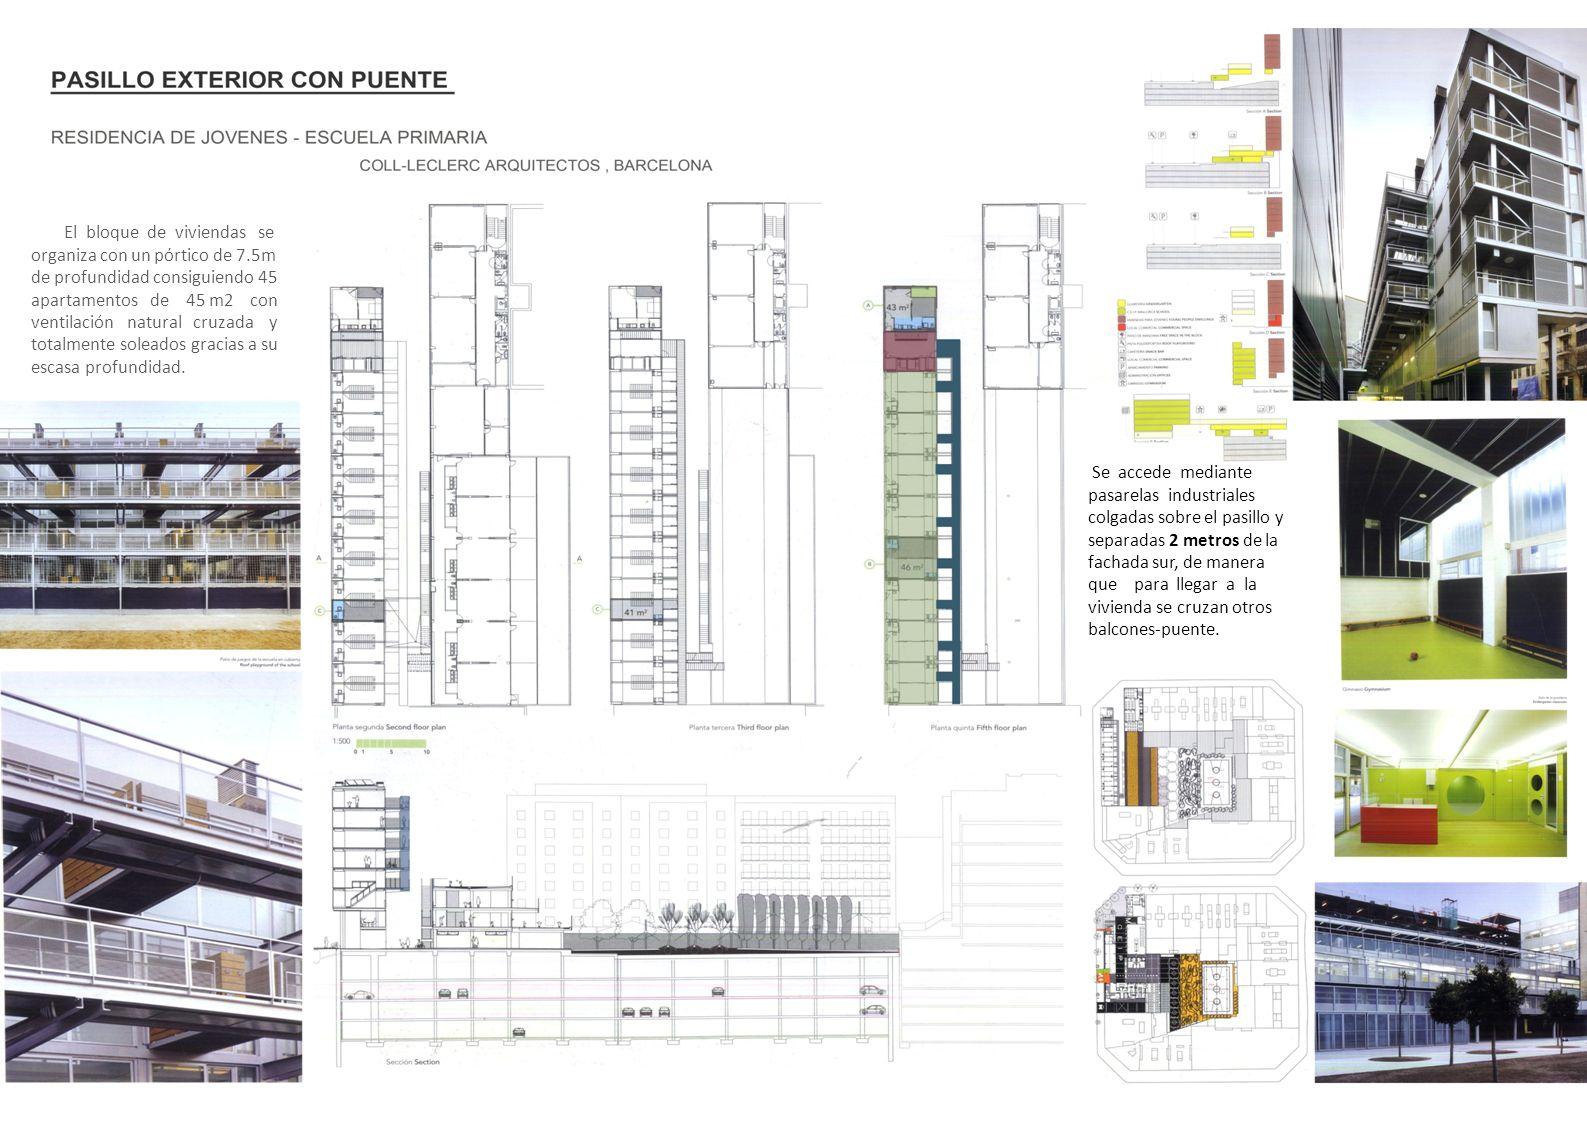 El edificio de viviendas de México, tiene 17 unidades con un patio central donde esta el acceso vertical.